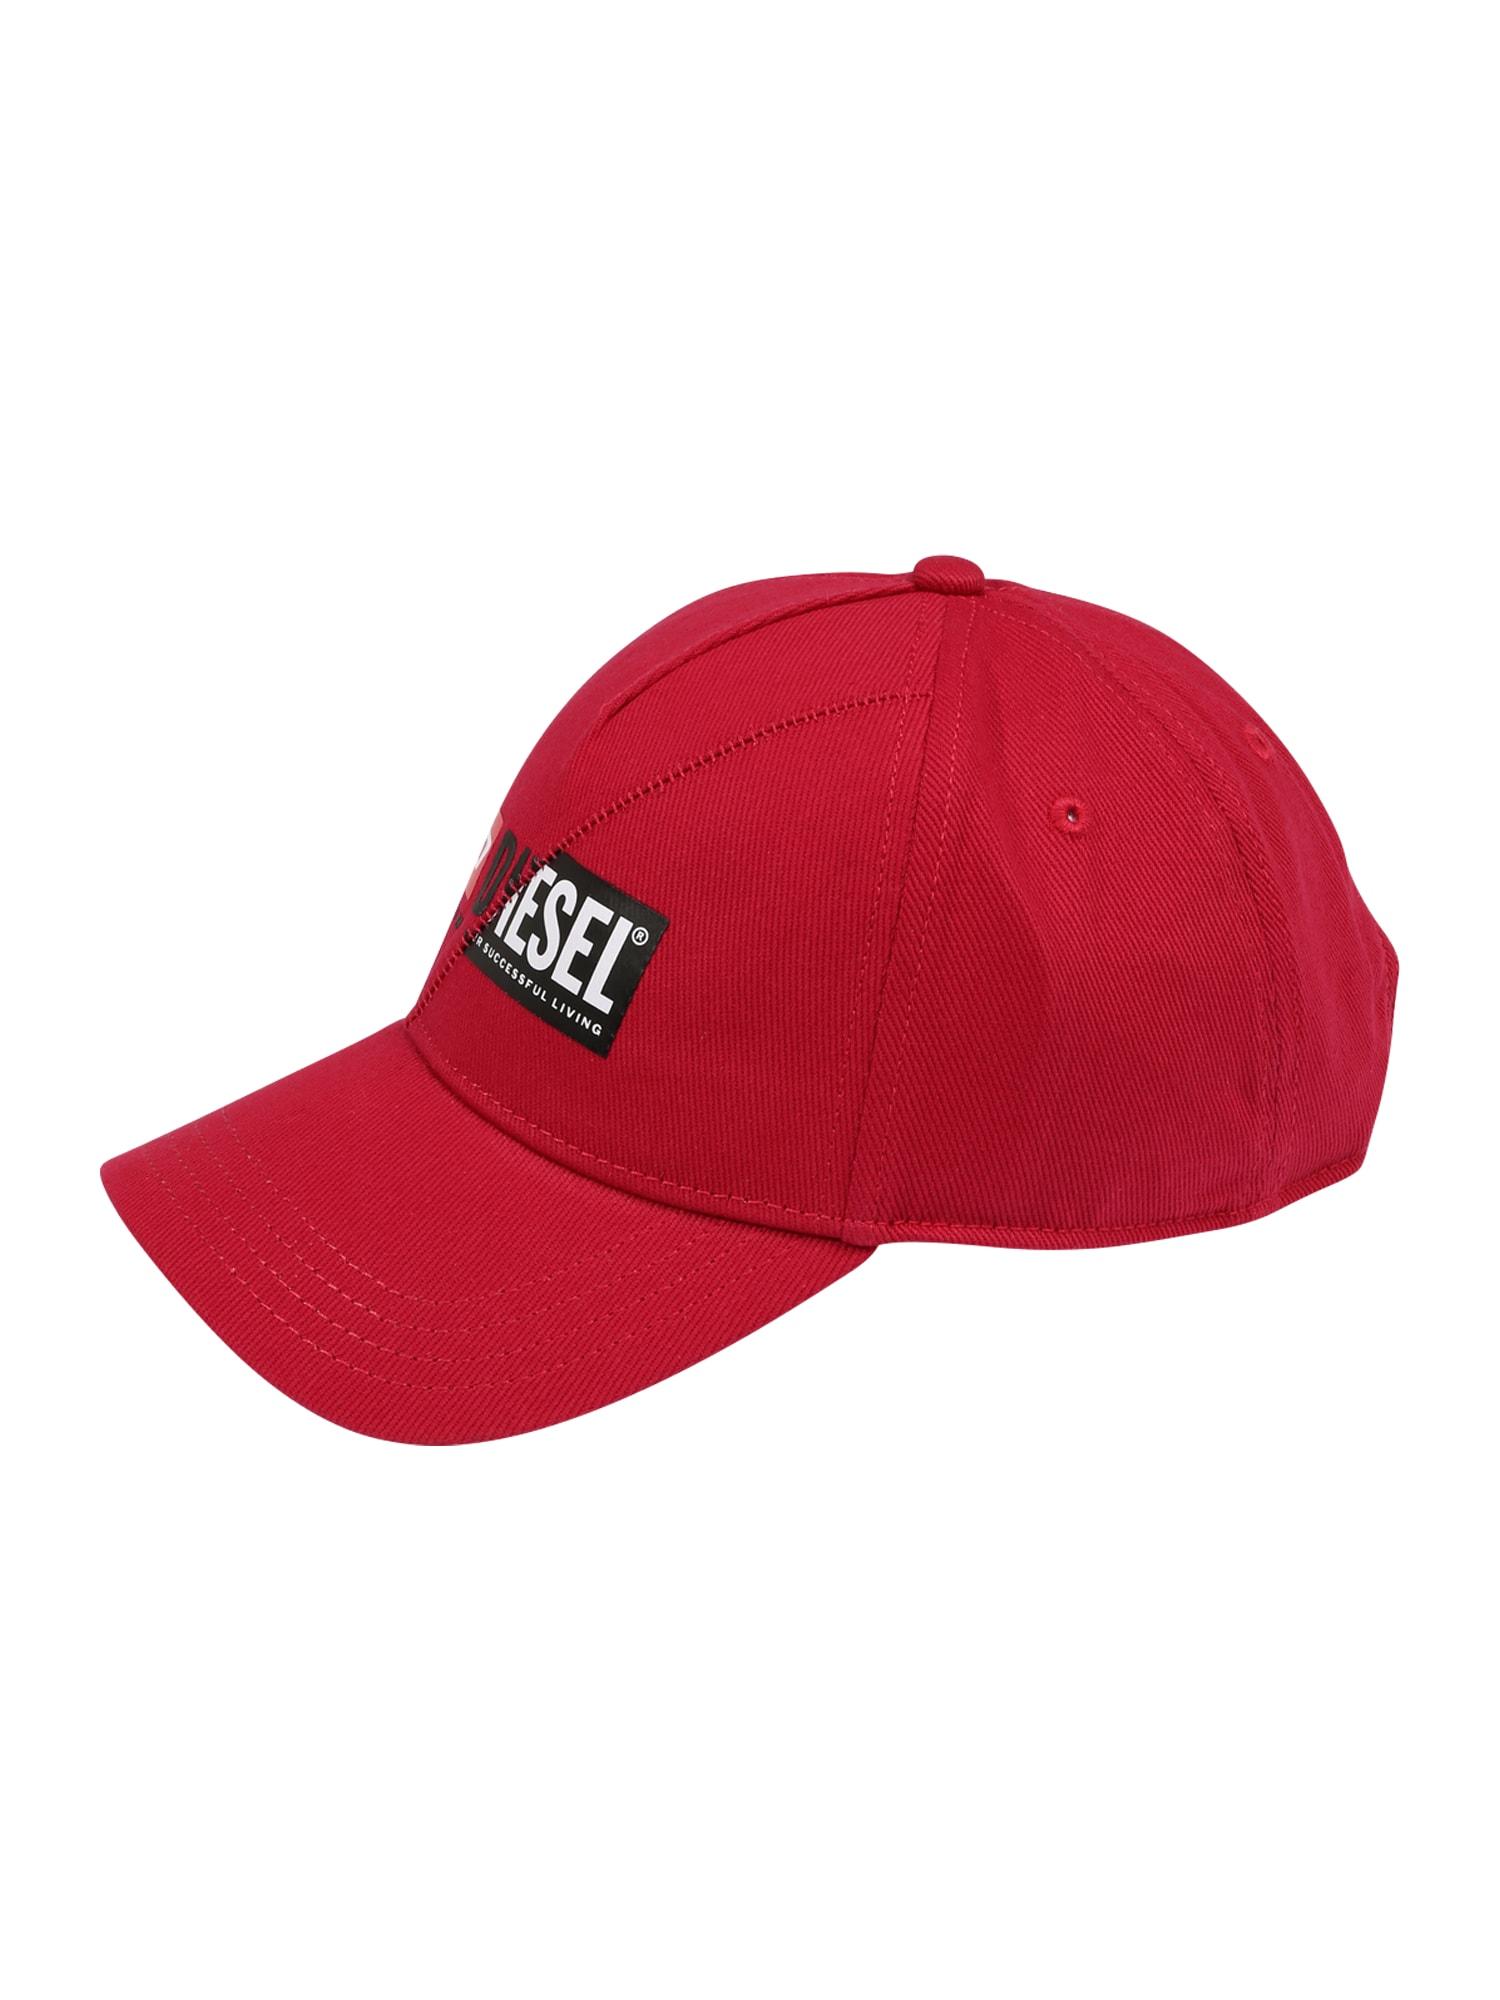 DIESEL Kepurė raudona / juoda